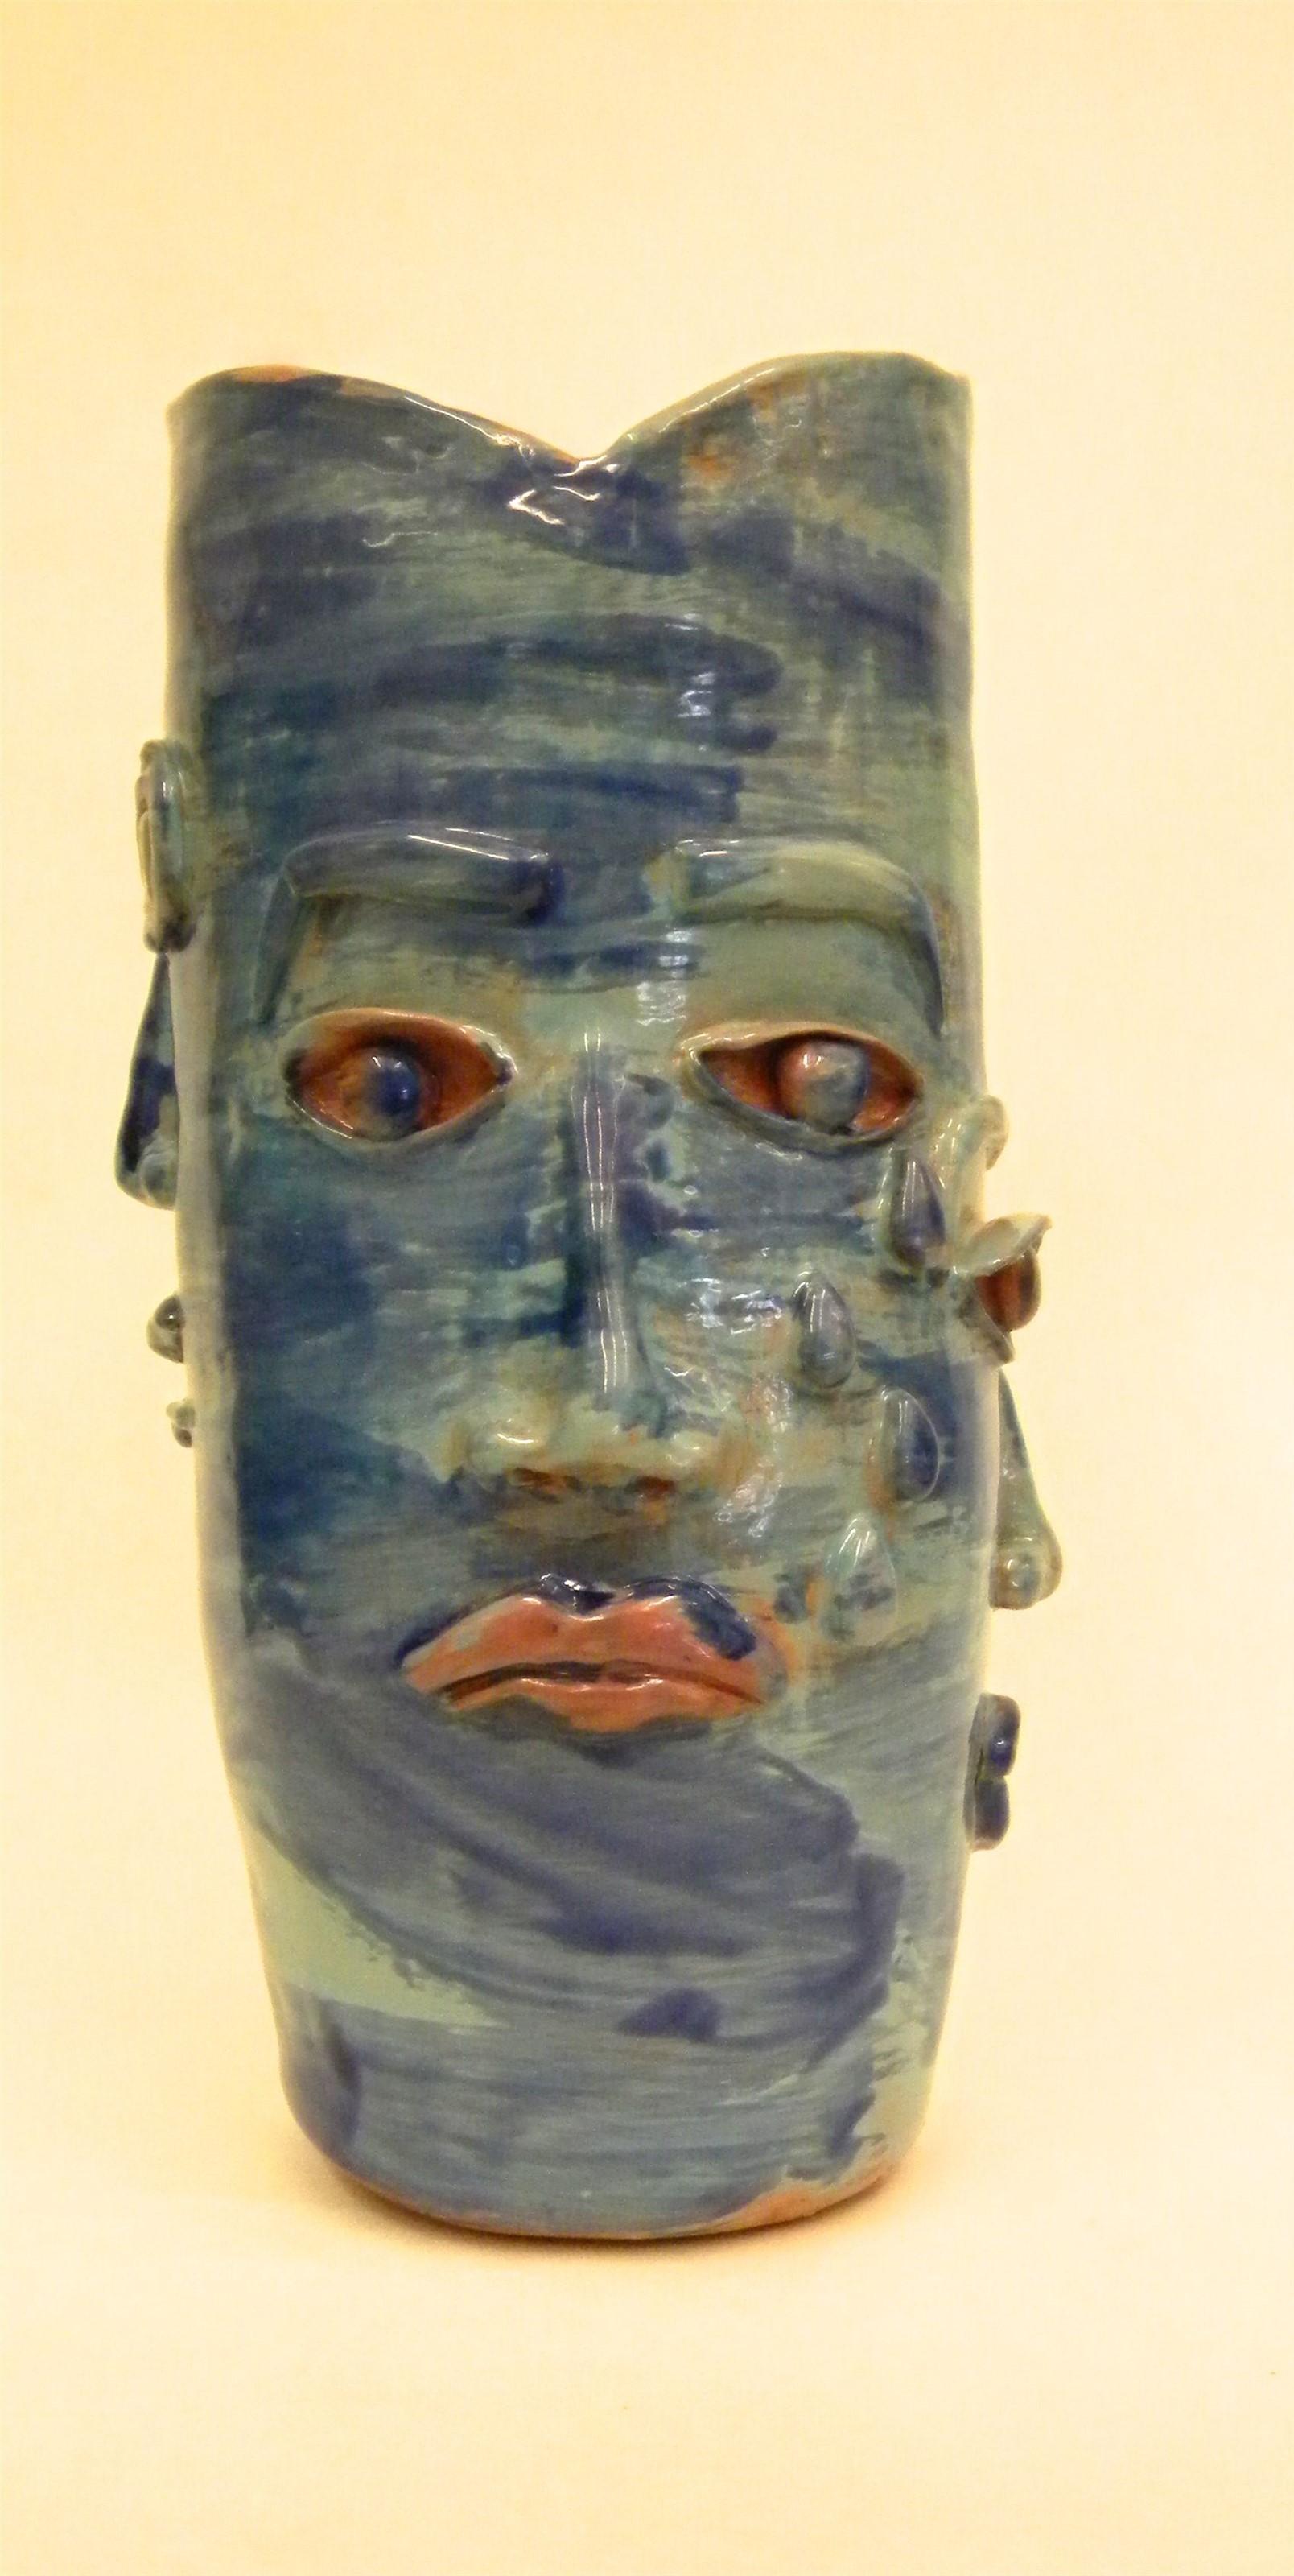 White Ribbon - Sha'kayla Worley, Grade 10 - Faces of Depression